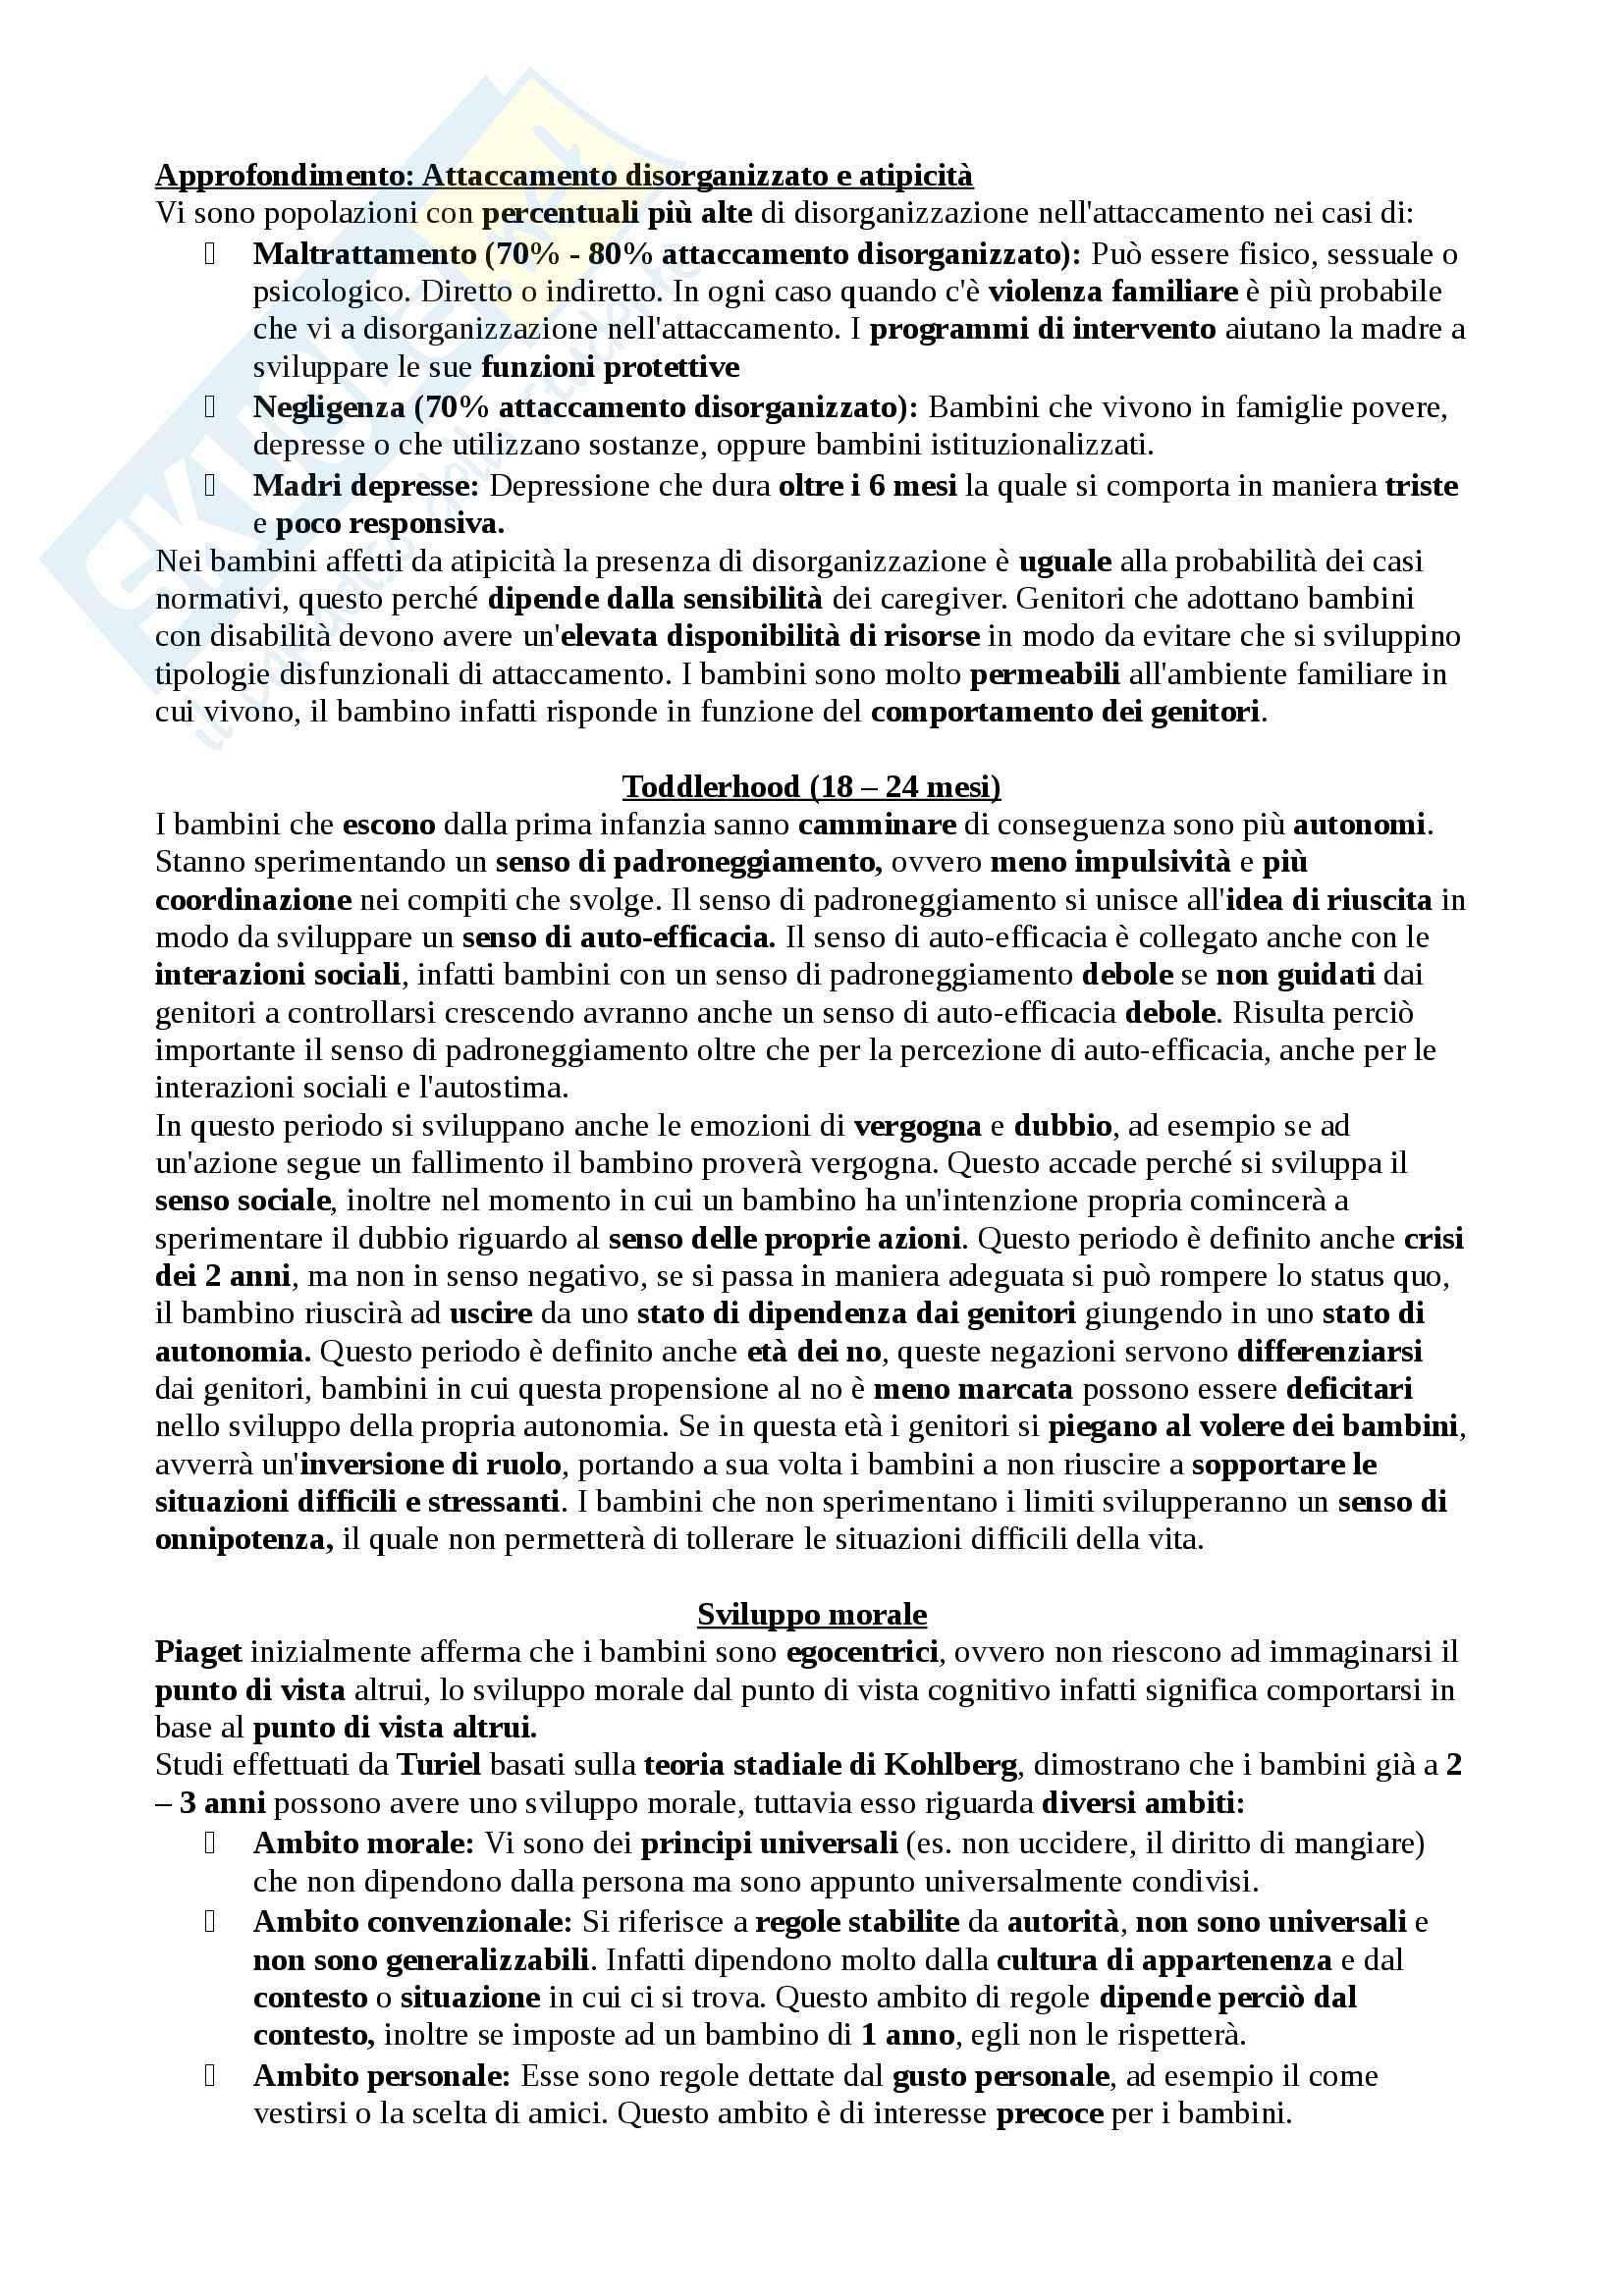 Appunti completi di Sviluppo tipico e atipico, Docente Lavinia Barone Pag. 26